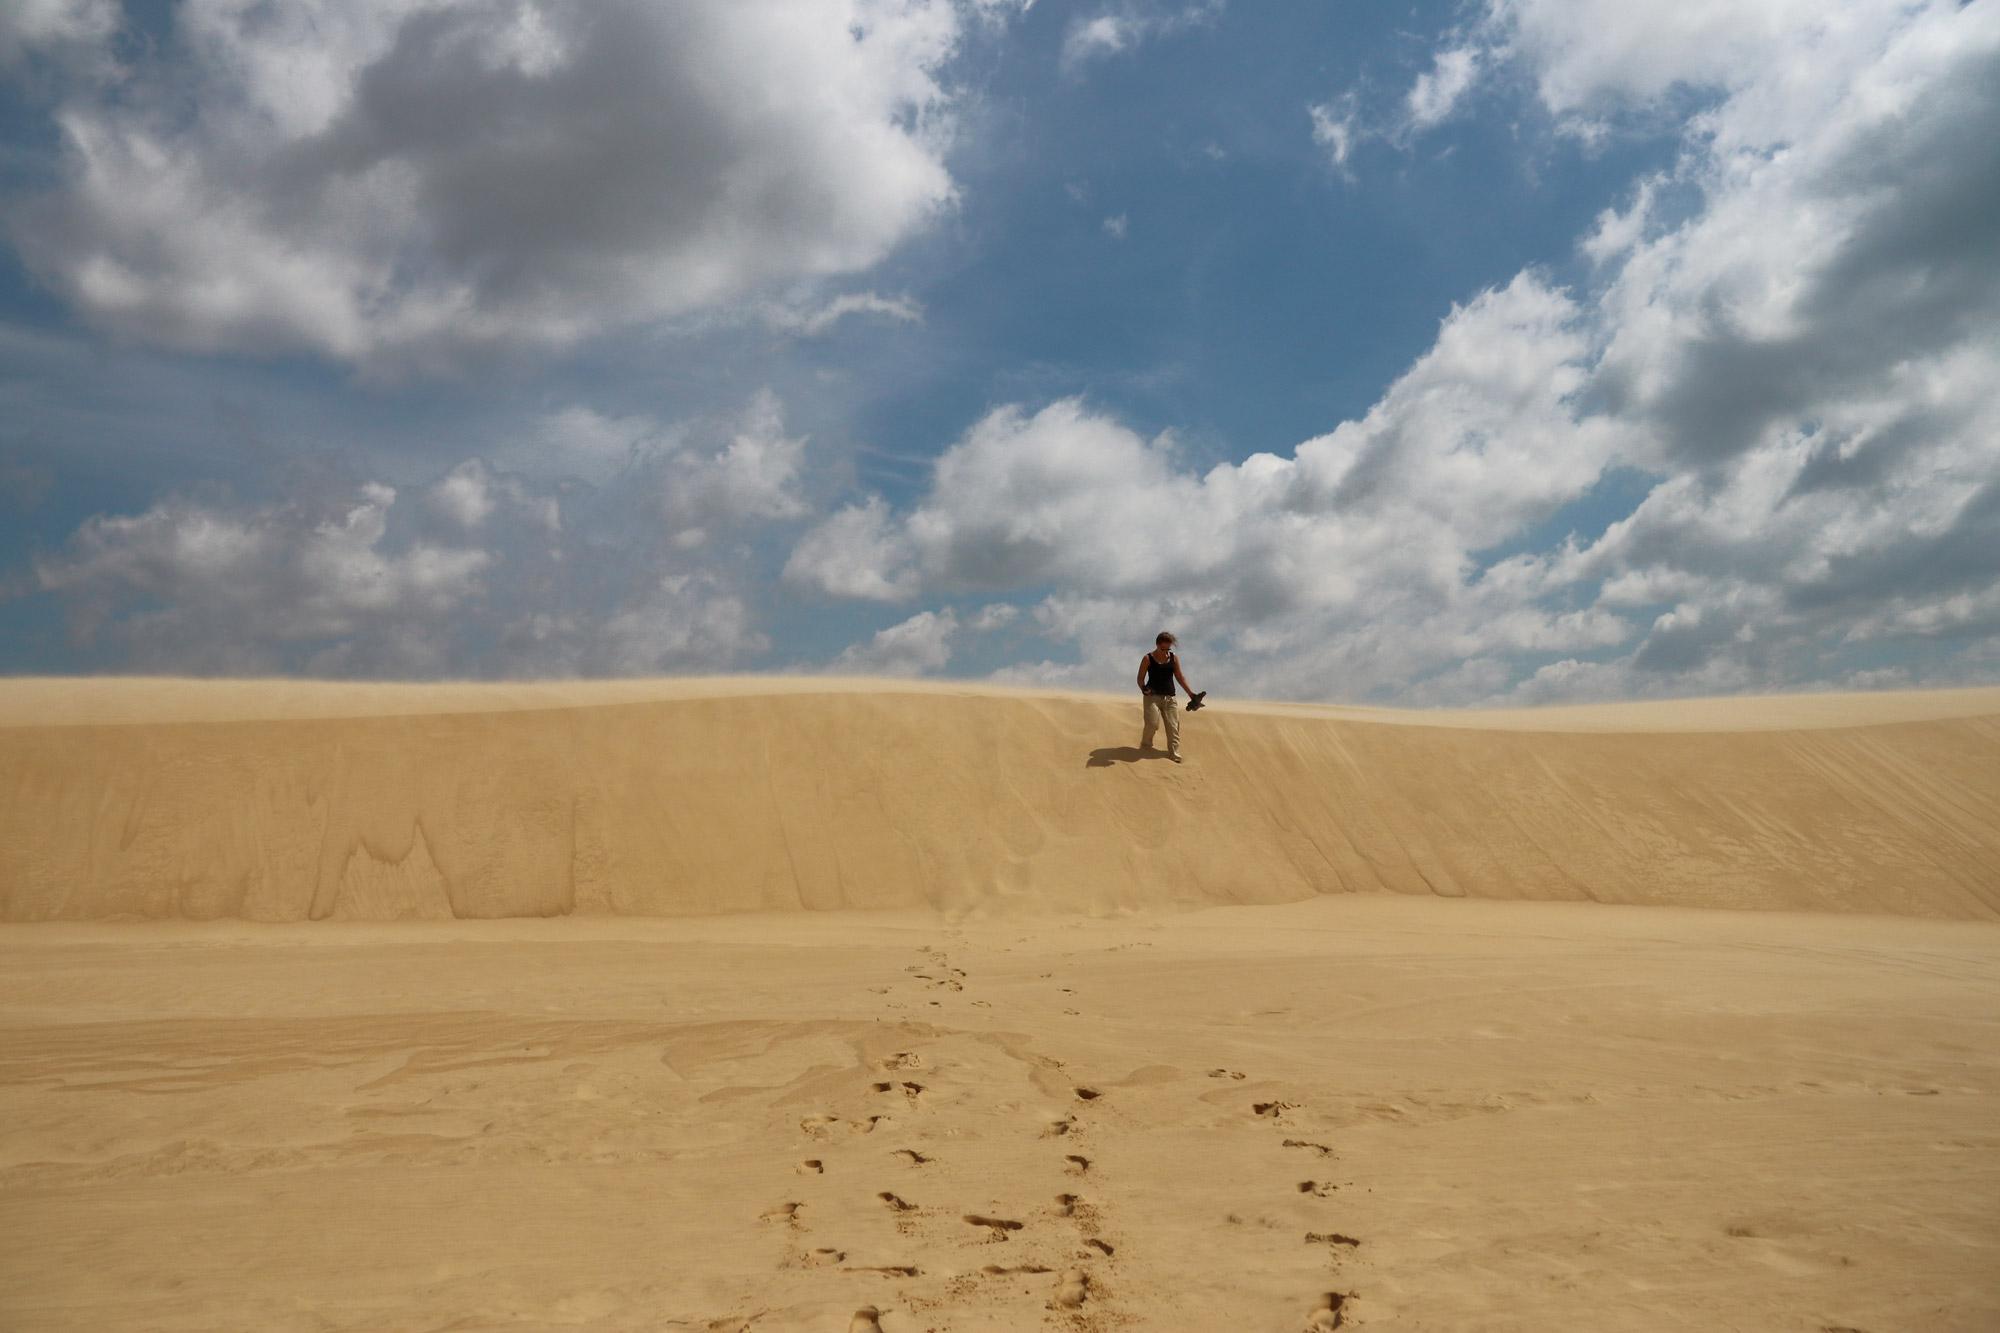 Bolivia 2016 - Dag 3 - Sandboarden bij Parque Regional Lomas de Arena